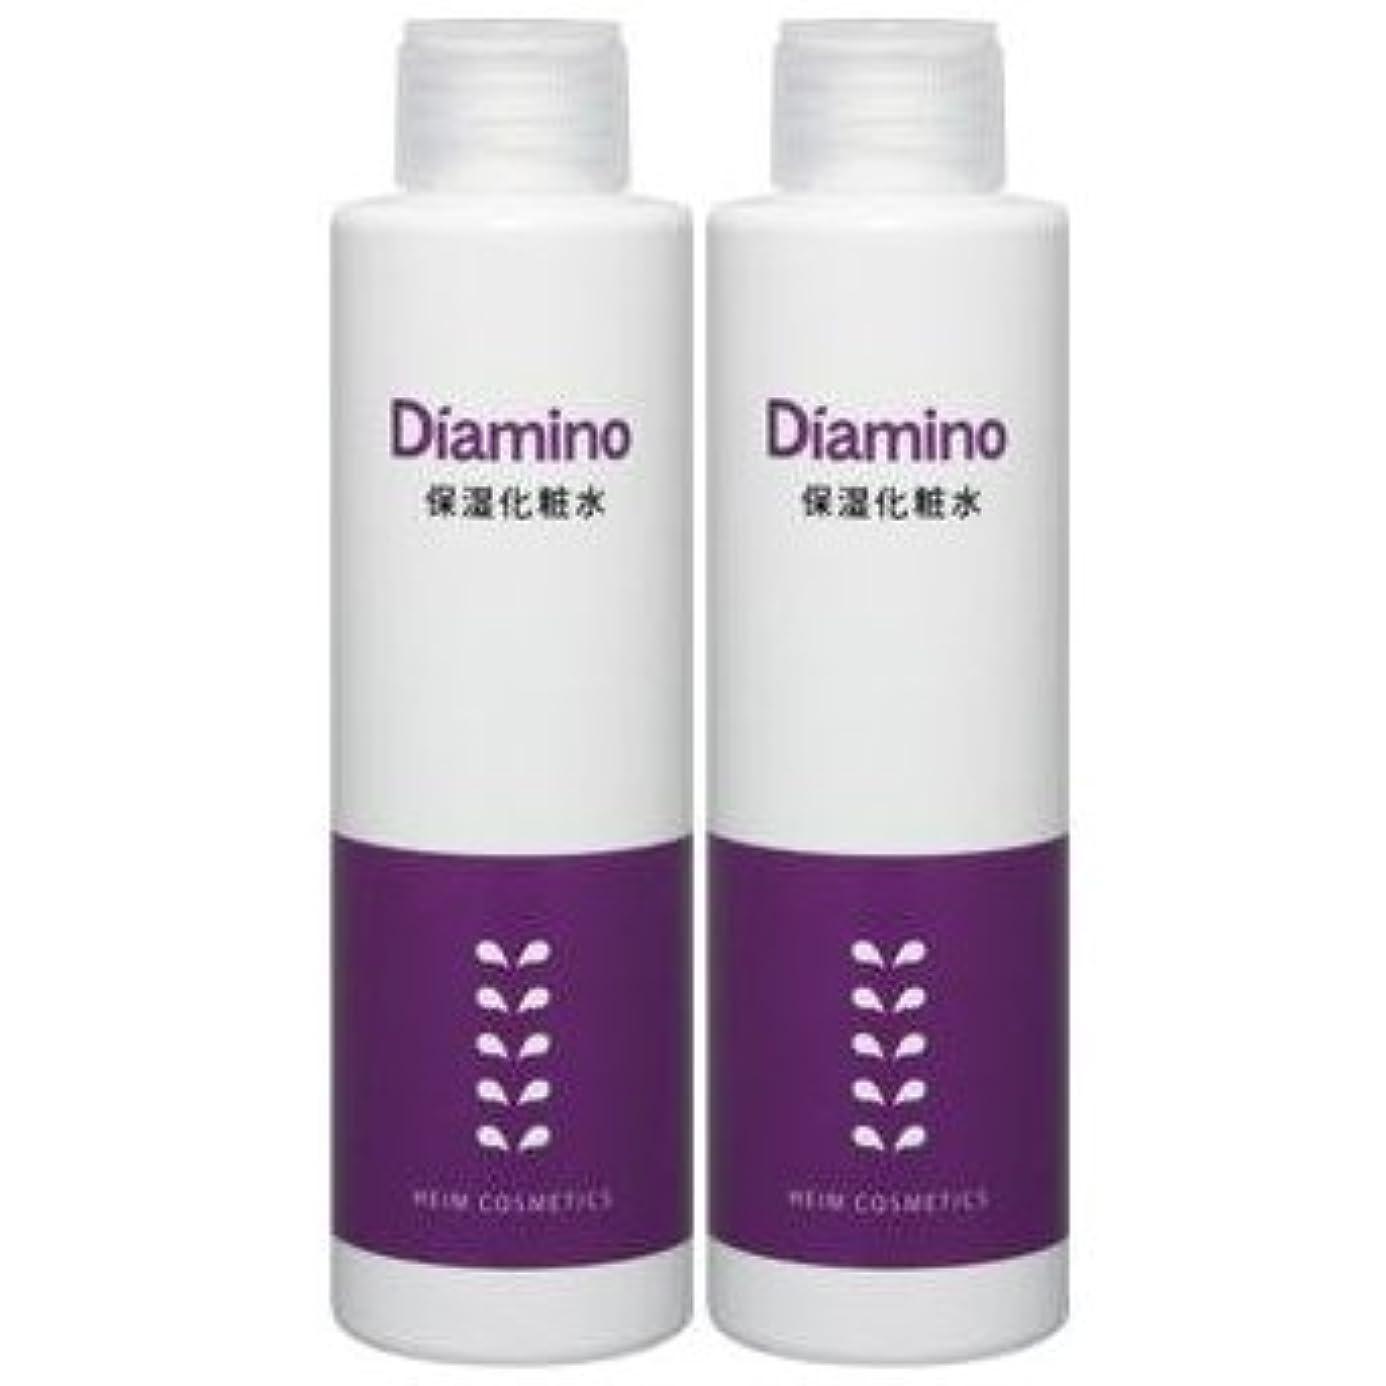 または拮抗するあなたが良くなりますハイム化粧品/ディアミノ 保湿 化粧水×2個